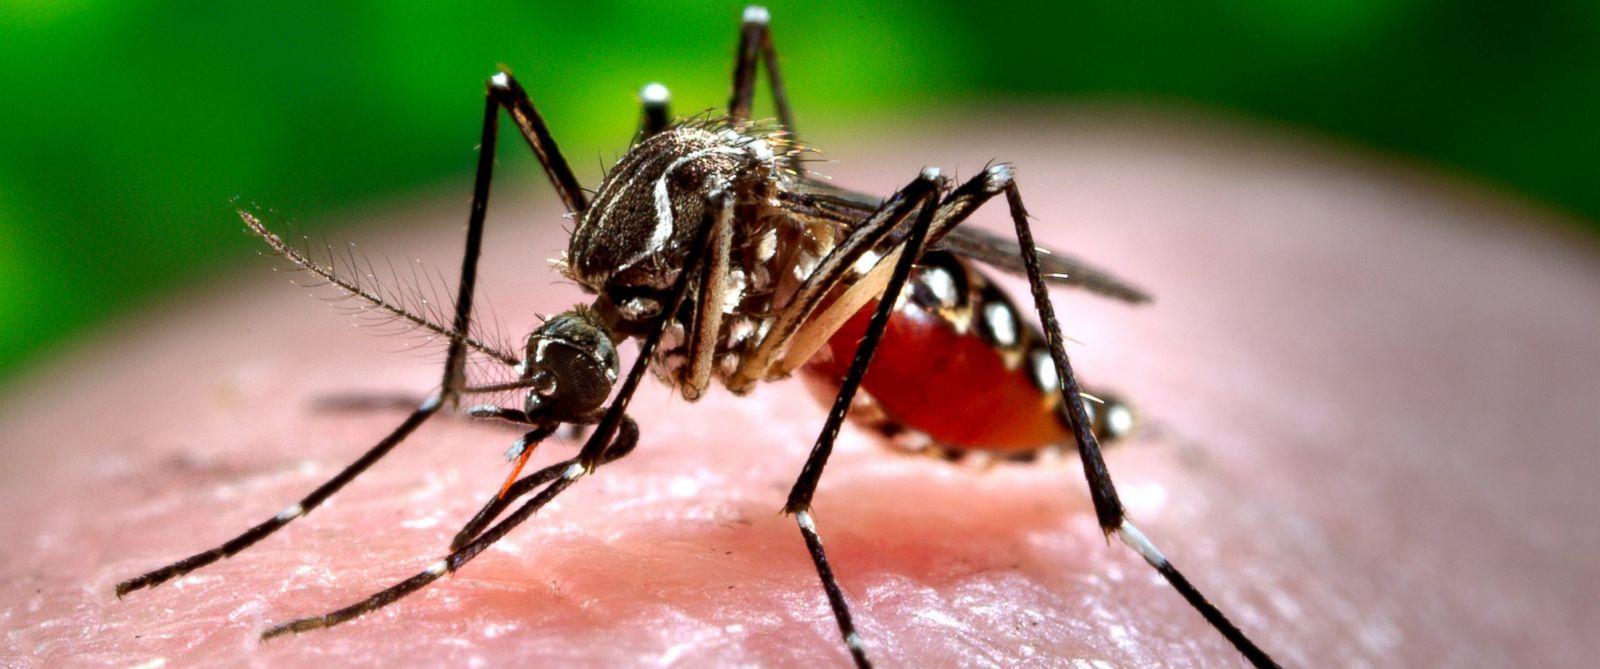 mosquito dangers u0026 prevention zika virus west nile virus